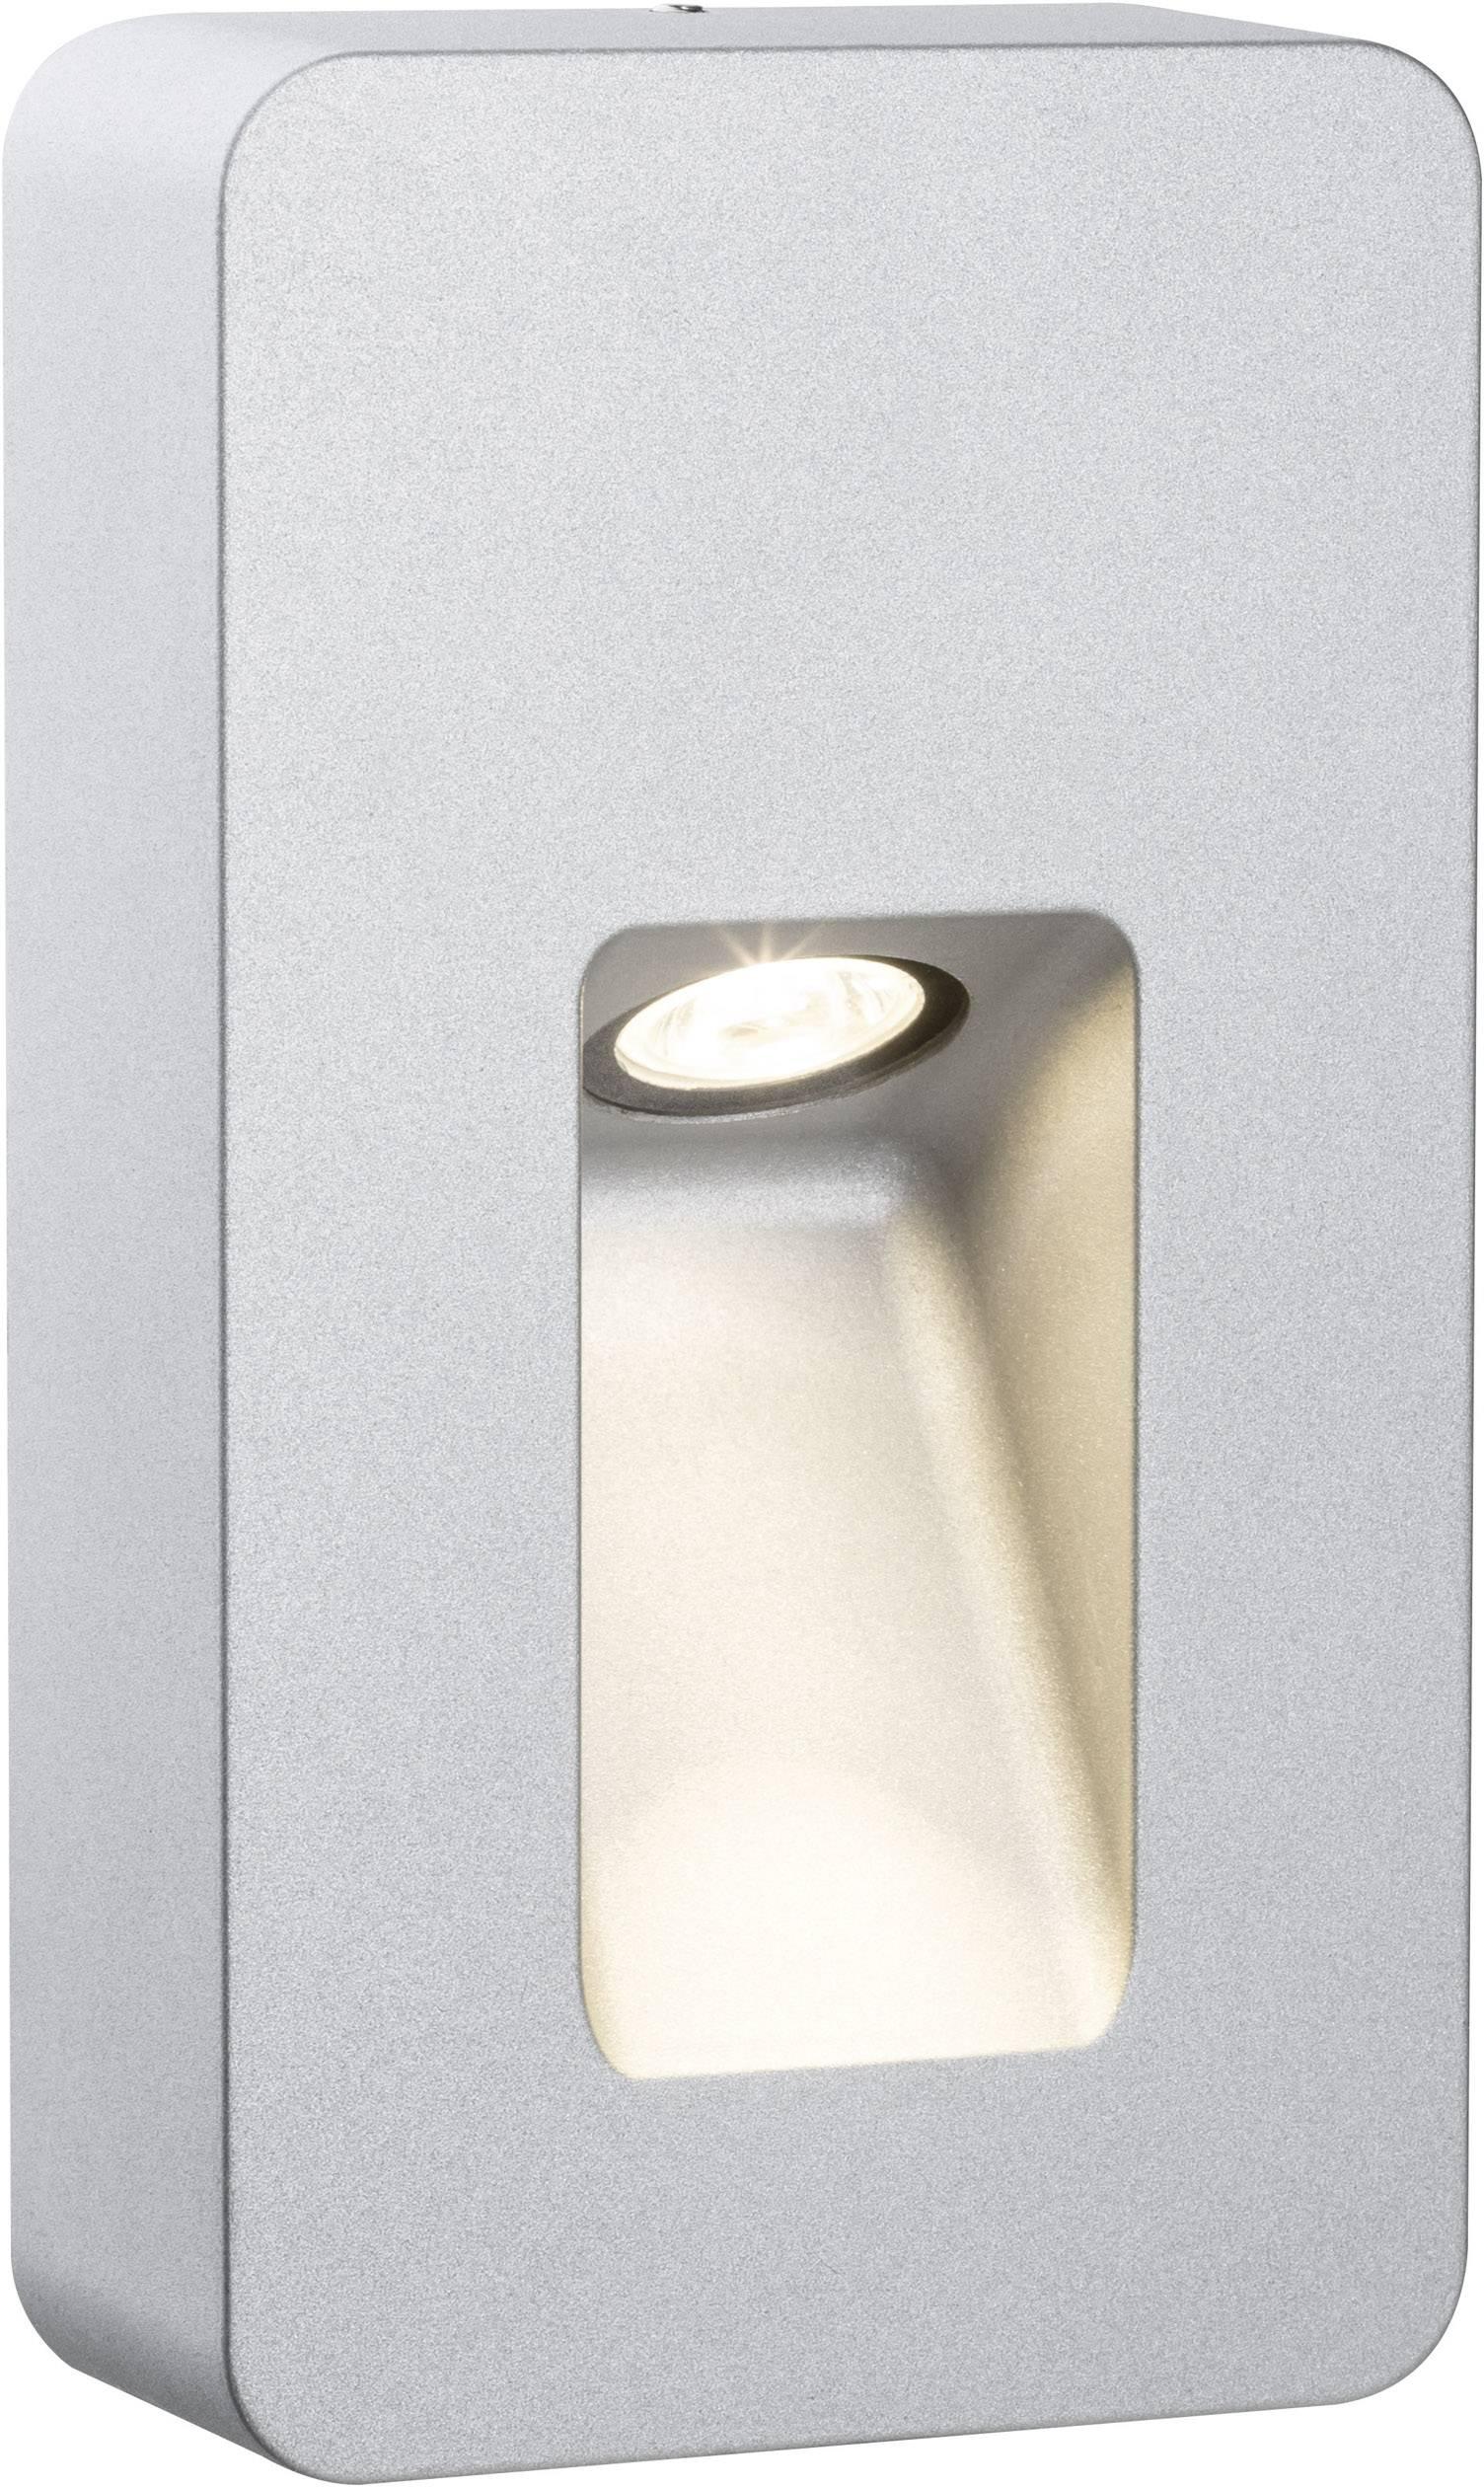 LEDvonkajšie nástennéosvetlenie 2.4 W teplá biela Paulmann Slot 93825 hliník (matný)